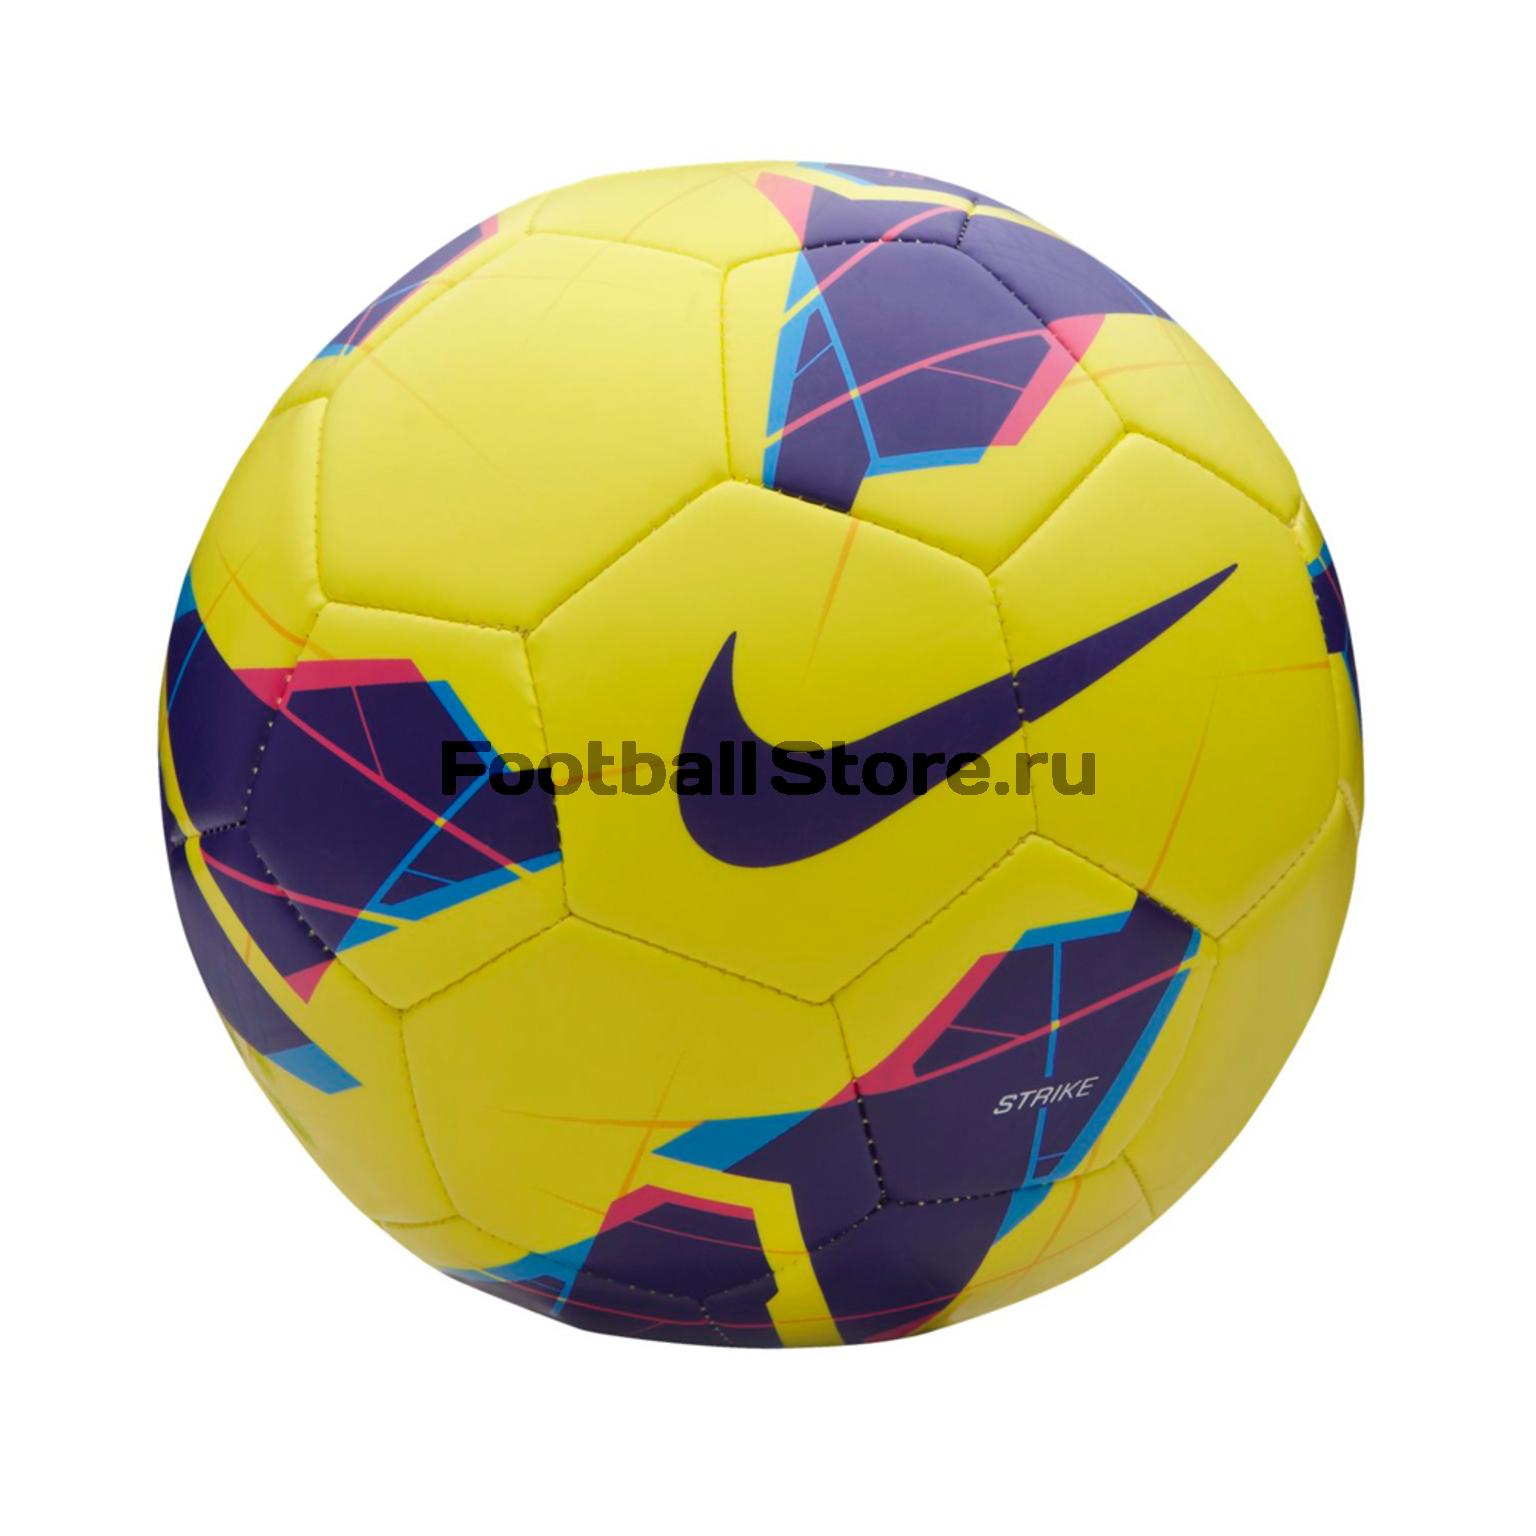 Футбольный мяч в жопе 3 фотография